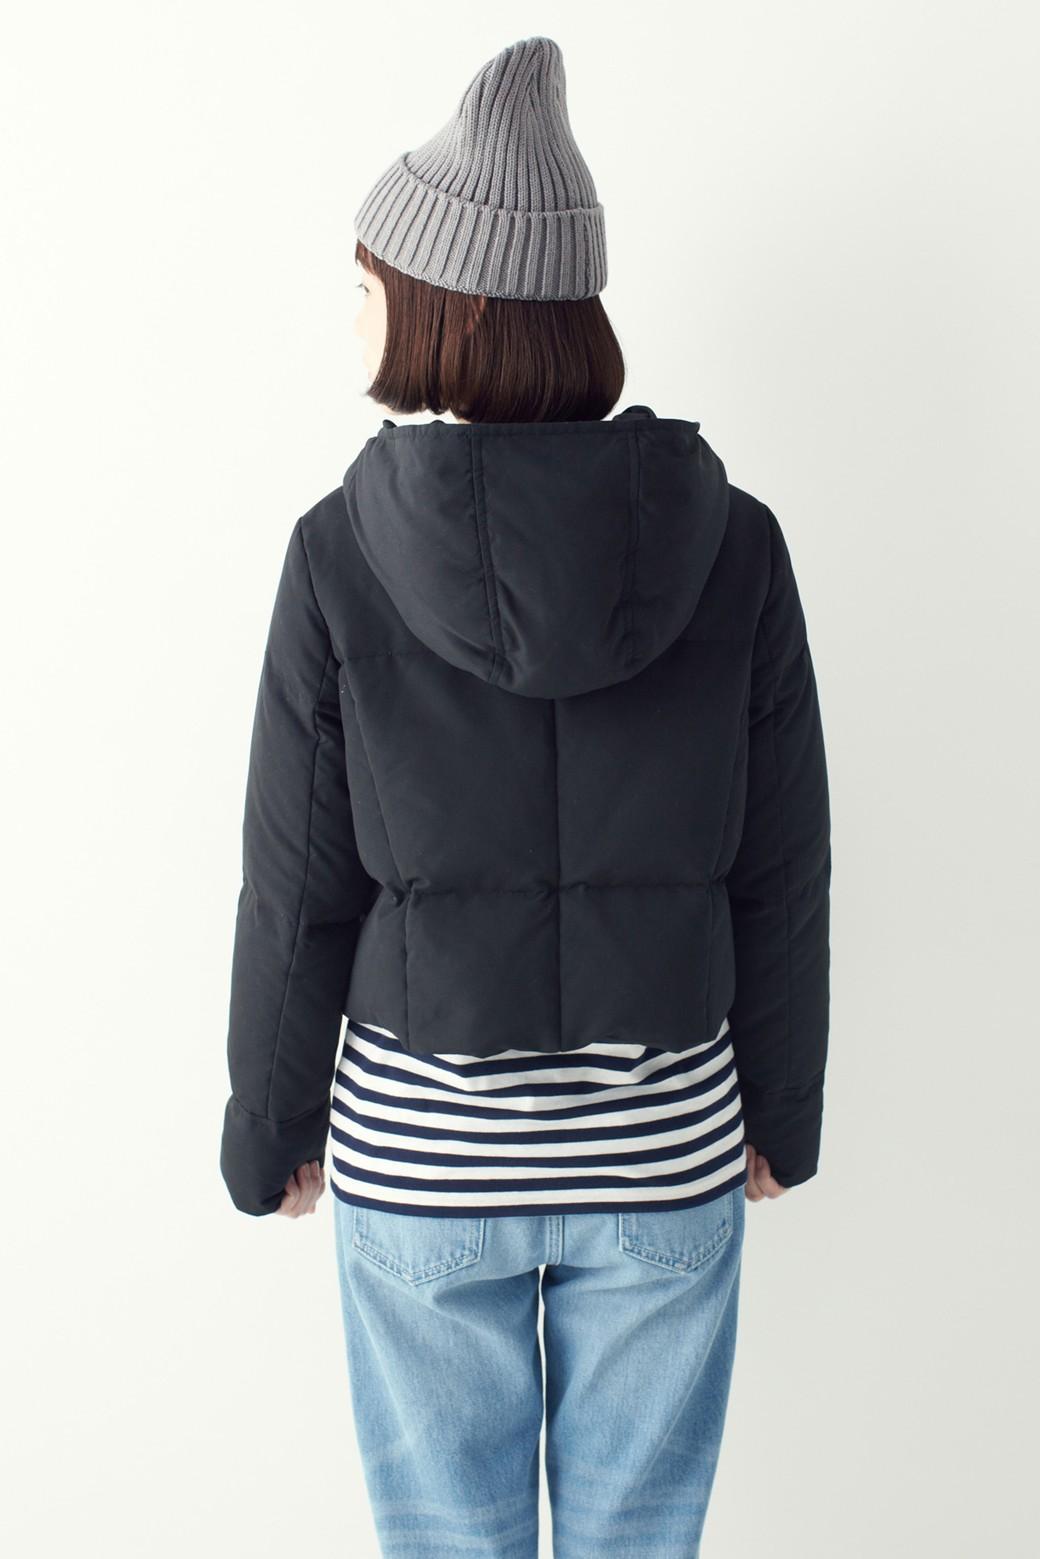 SHE THROUGH SEA #セパレートロングダウンコート <ブラック×ブラック>の商品写真17